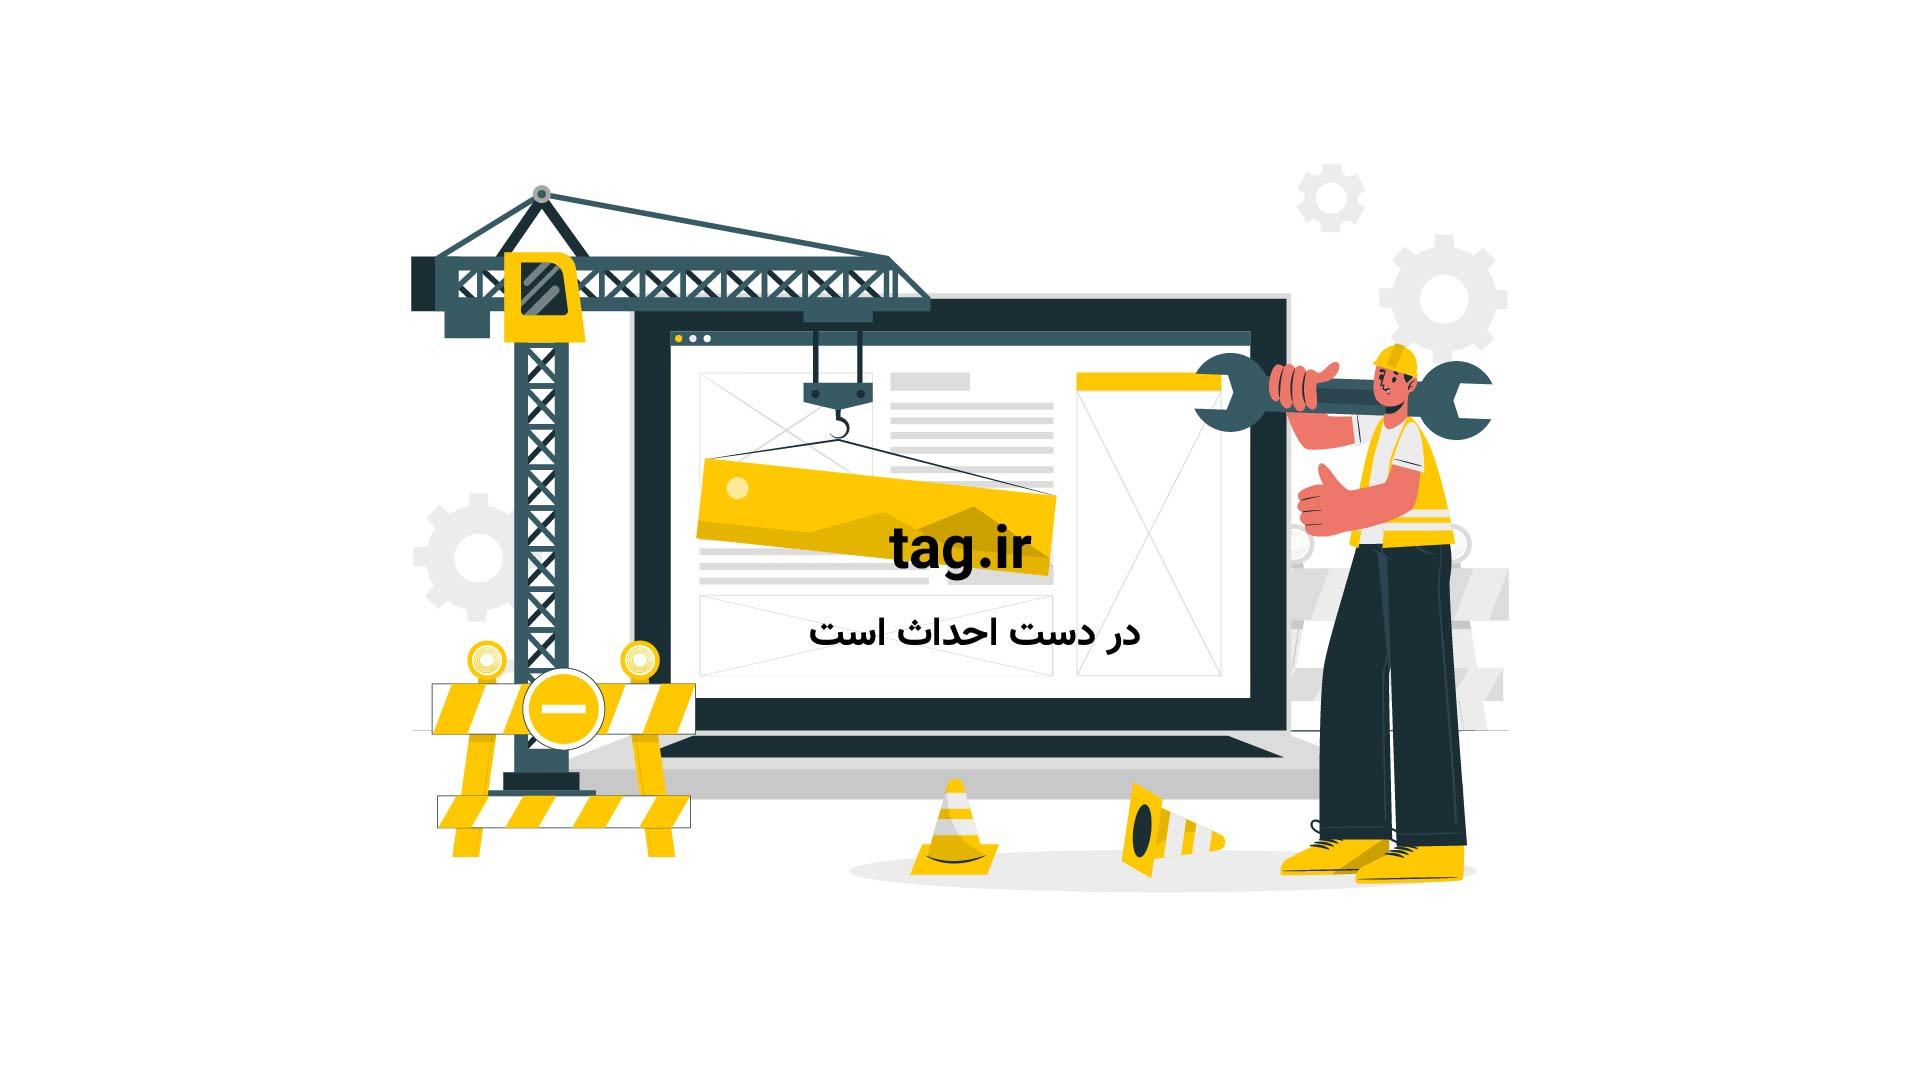 آموزش درست کردن توت فرنگی سه بعدی با کاغذ و تکنیک اوریگامی | فیلم